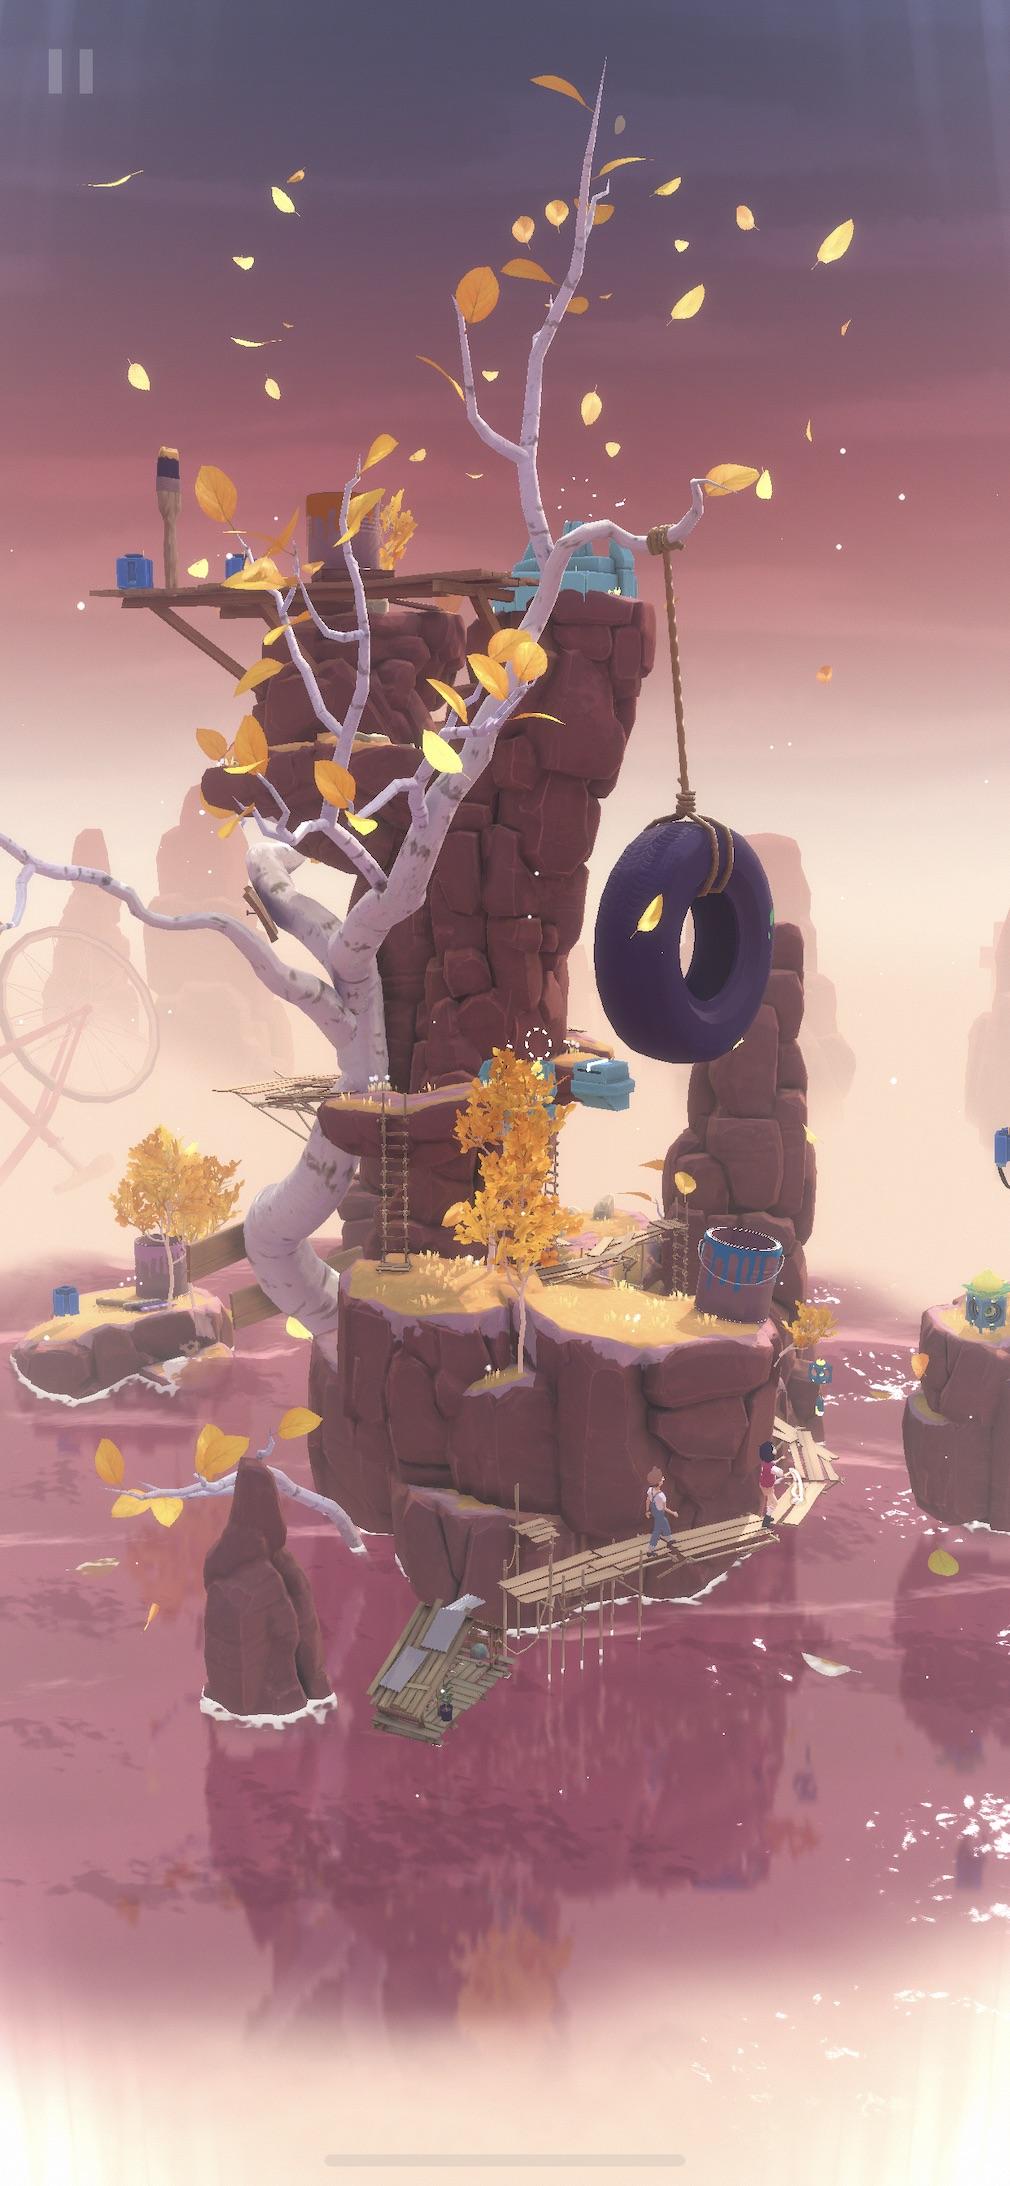 The Gardens Between iOS screenshot - An autumnal level